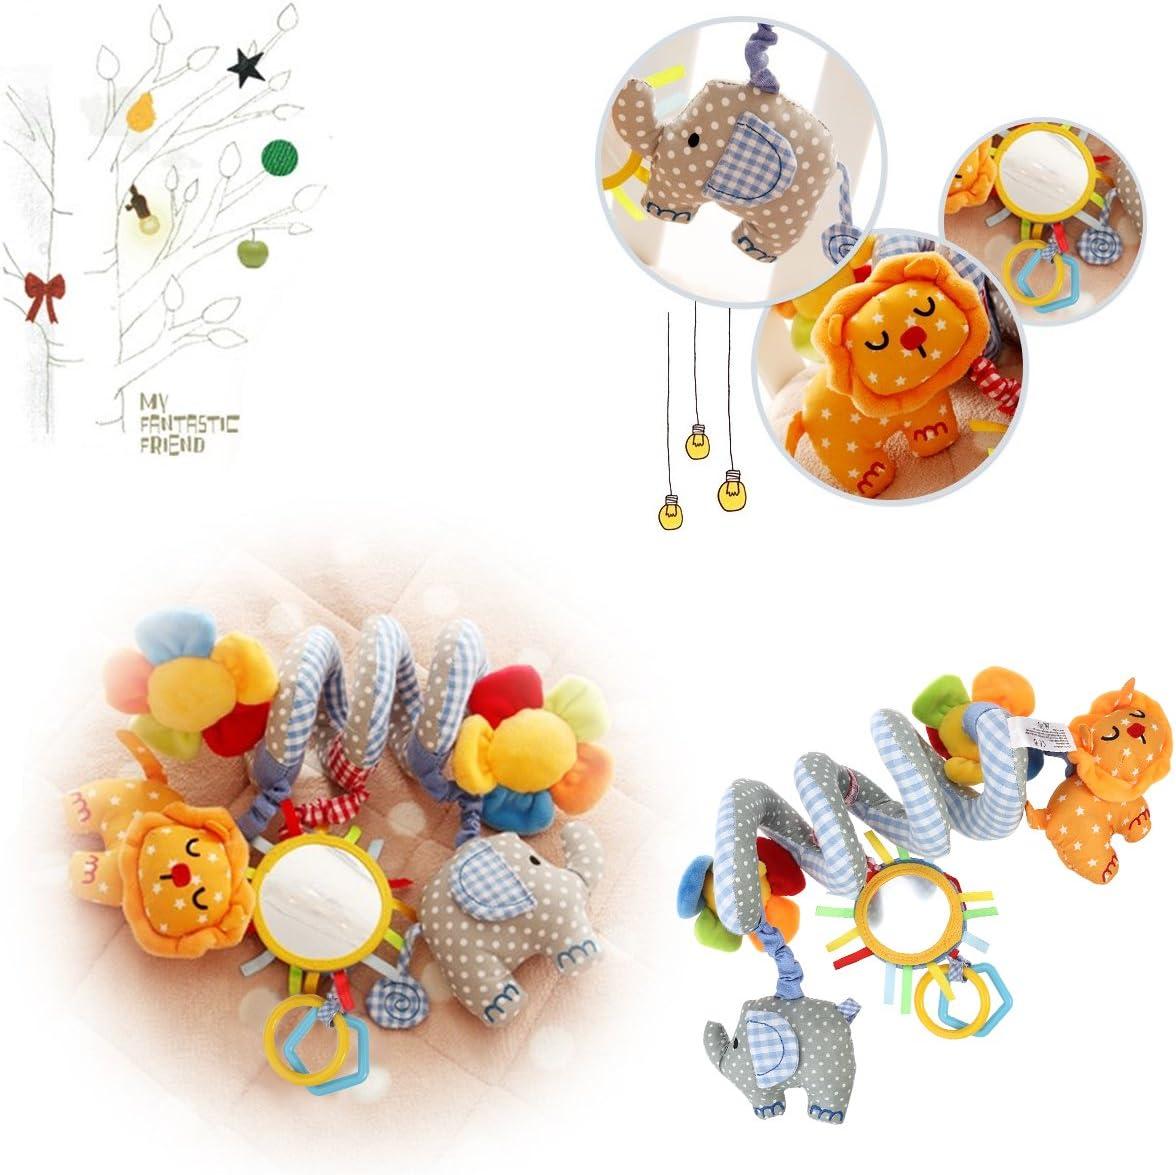 TOYANDONA Beb/é espiral juguete elepahant le/ón con espejo y campana para beb/é educaci/ón juguete espiral envolver alrededor de la cama cuna